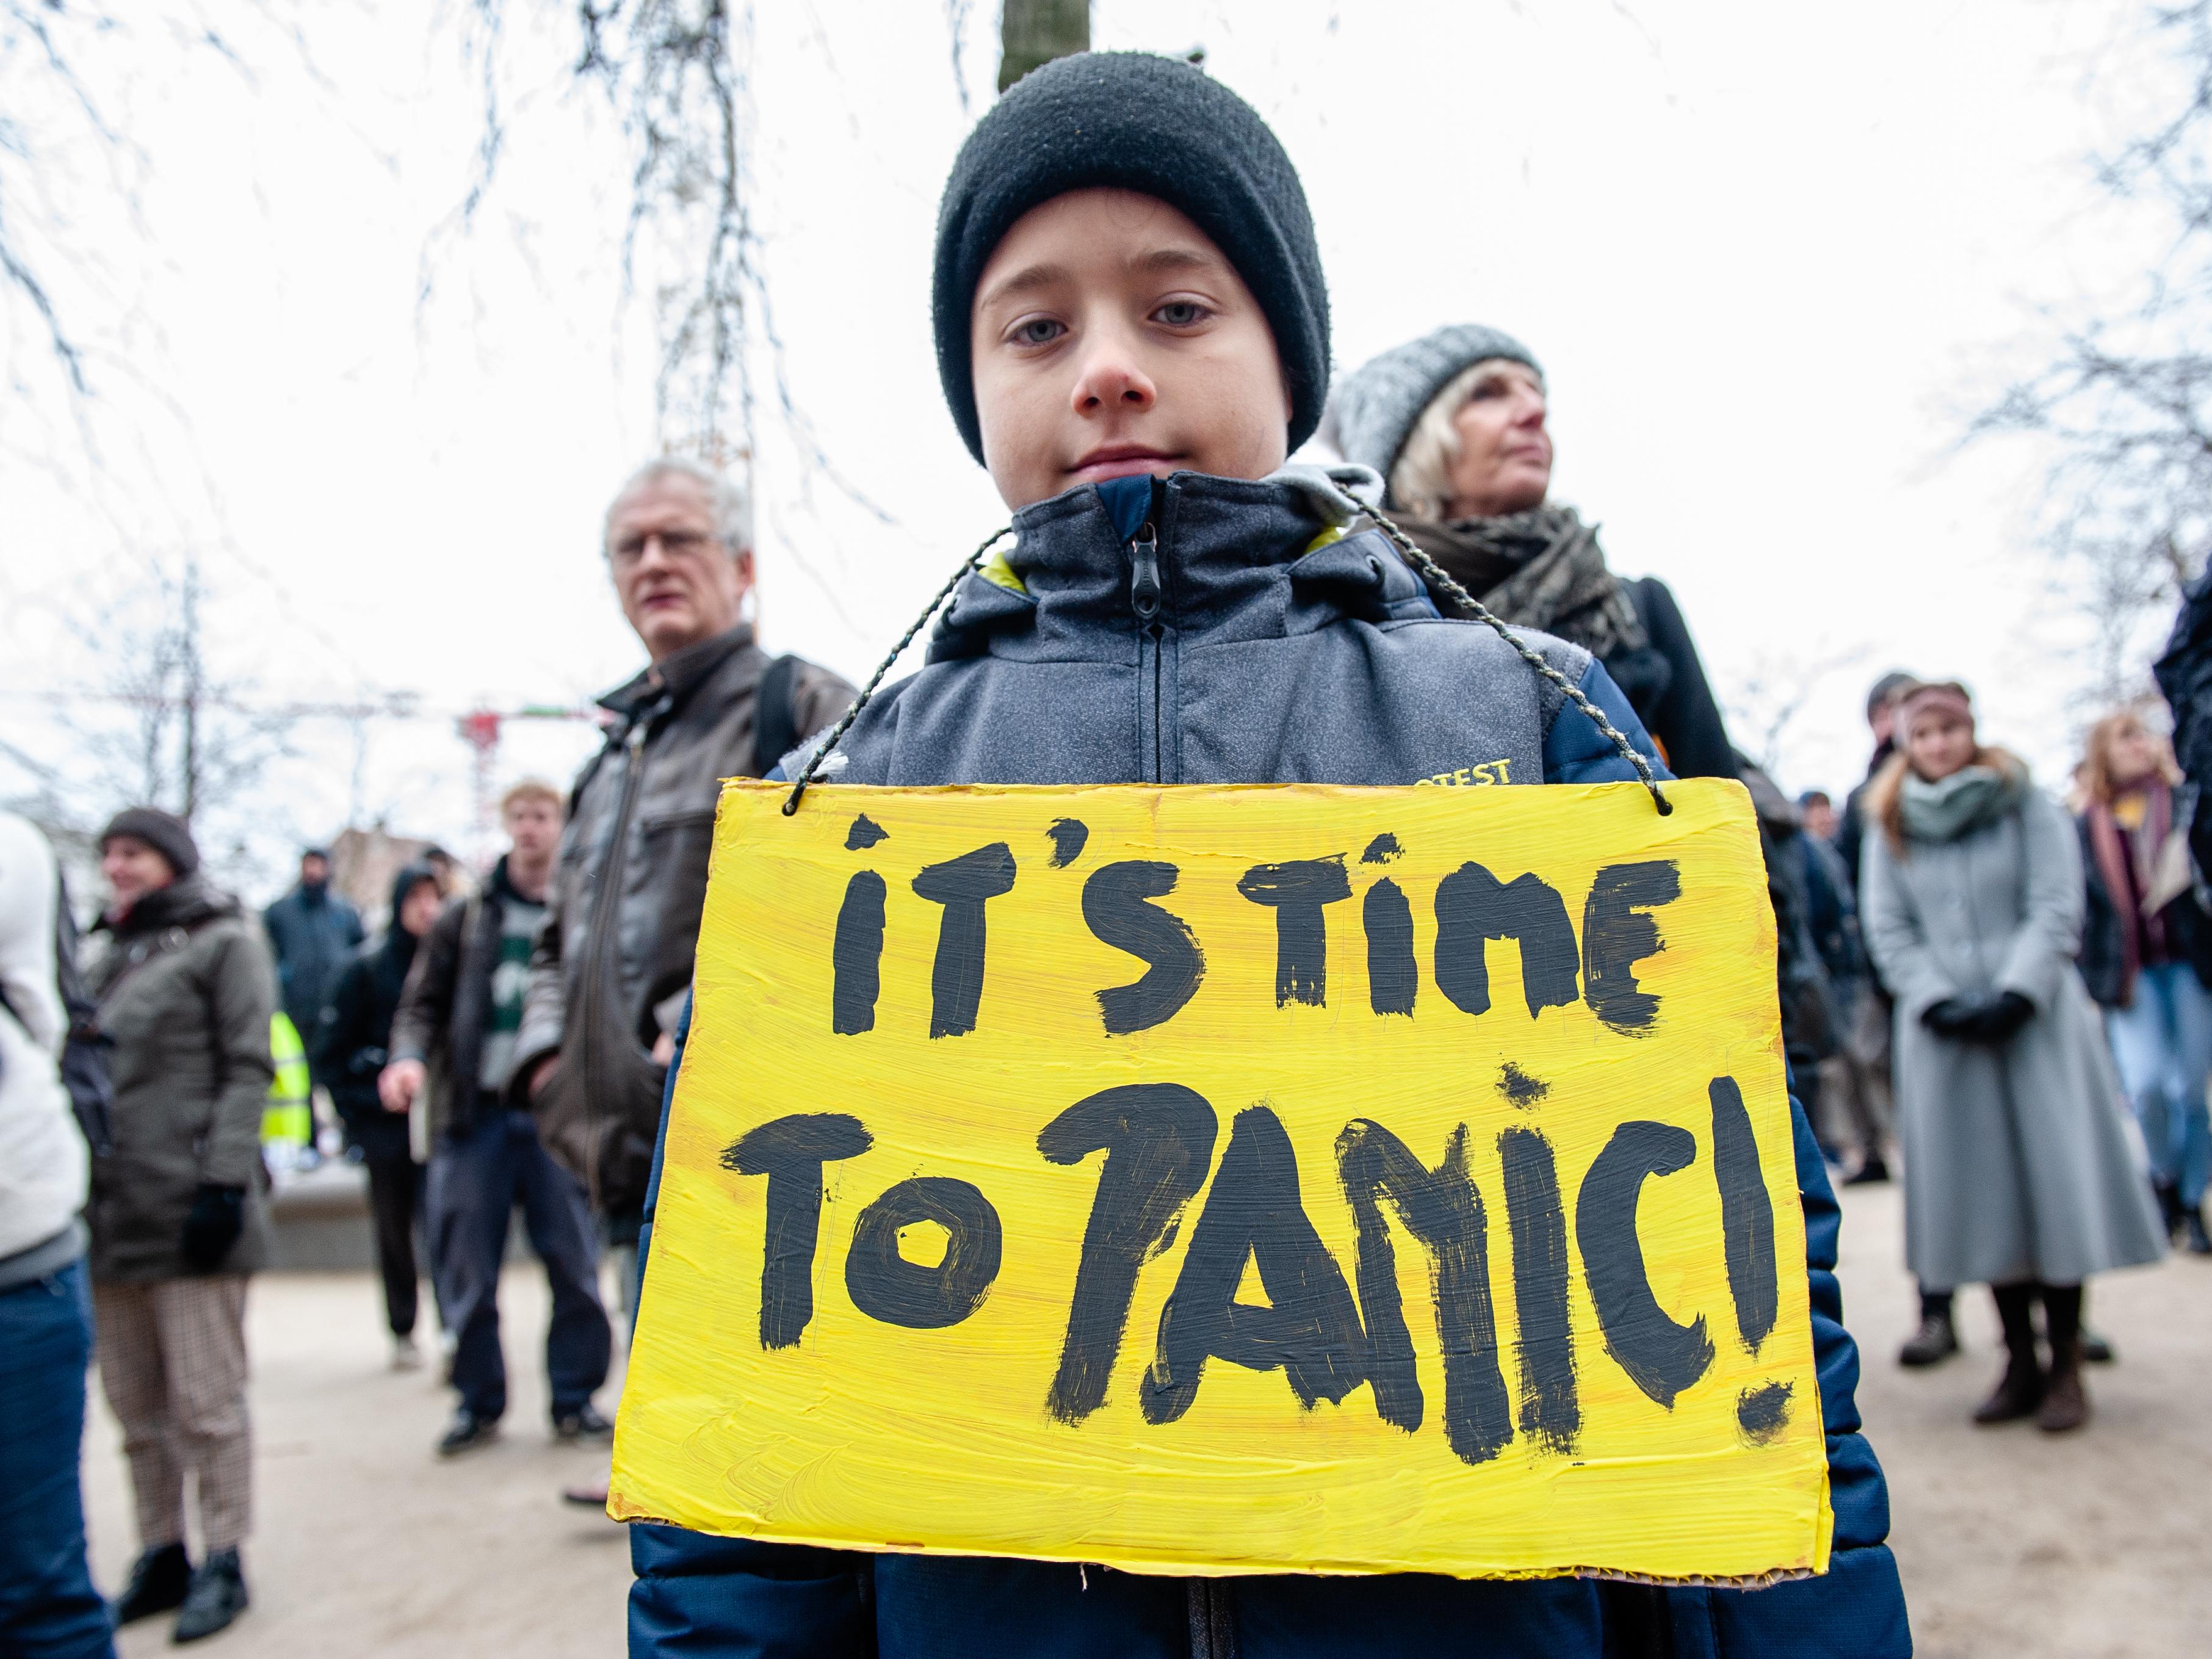 Megint több 10 ezer fiatal tüntetett a klímaváltozás elleni fellépést követelve Belgiumban